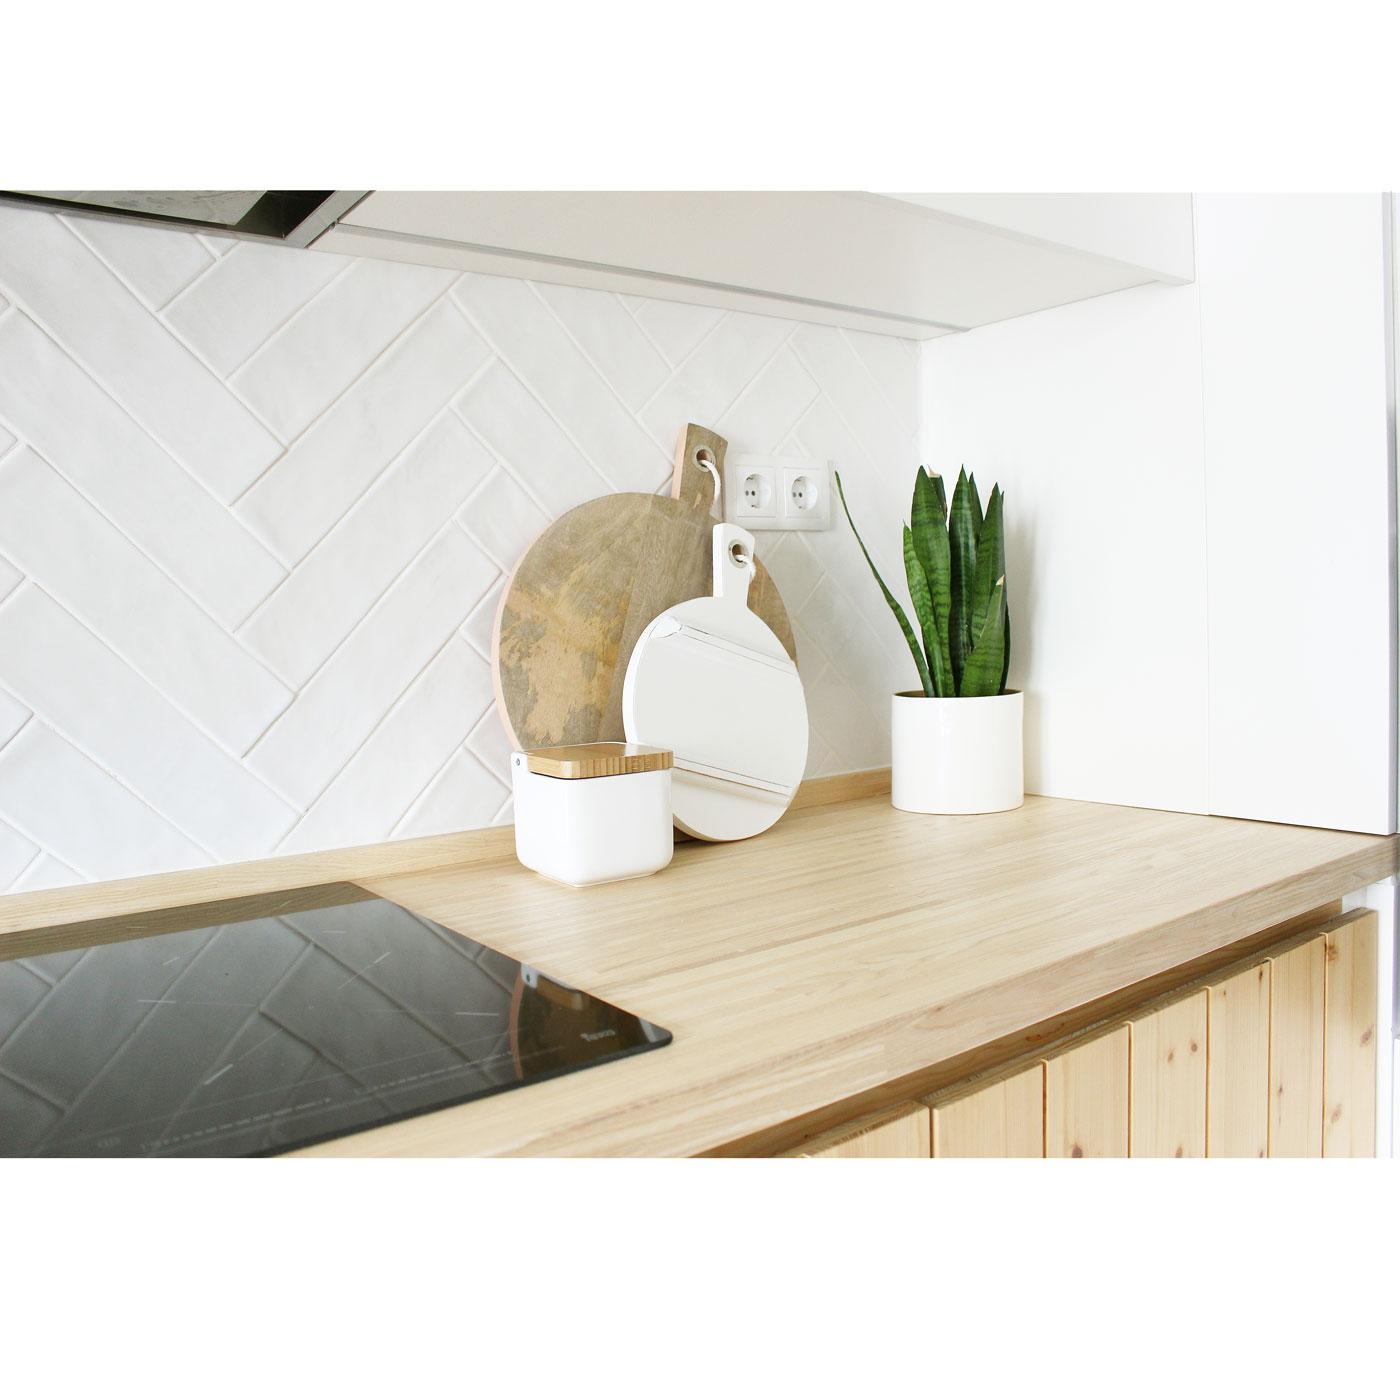 Tábua de cozinha em madeira manga, branco, Ø25cm